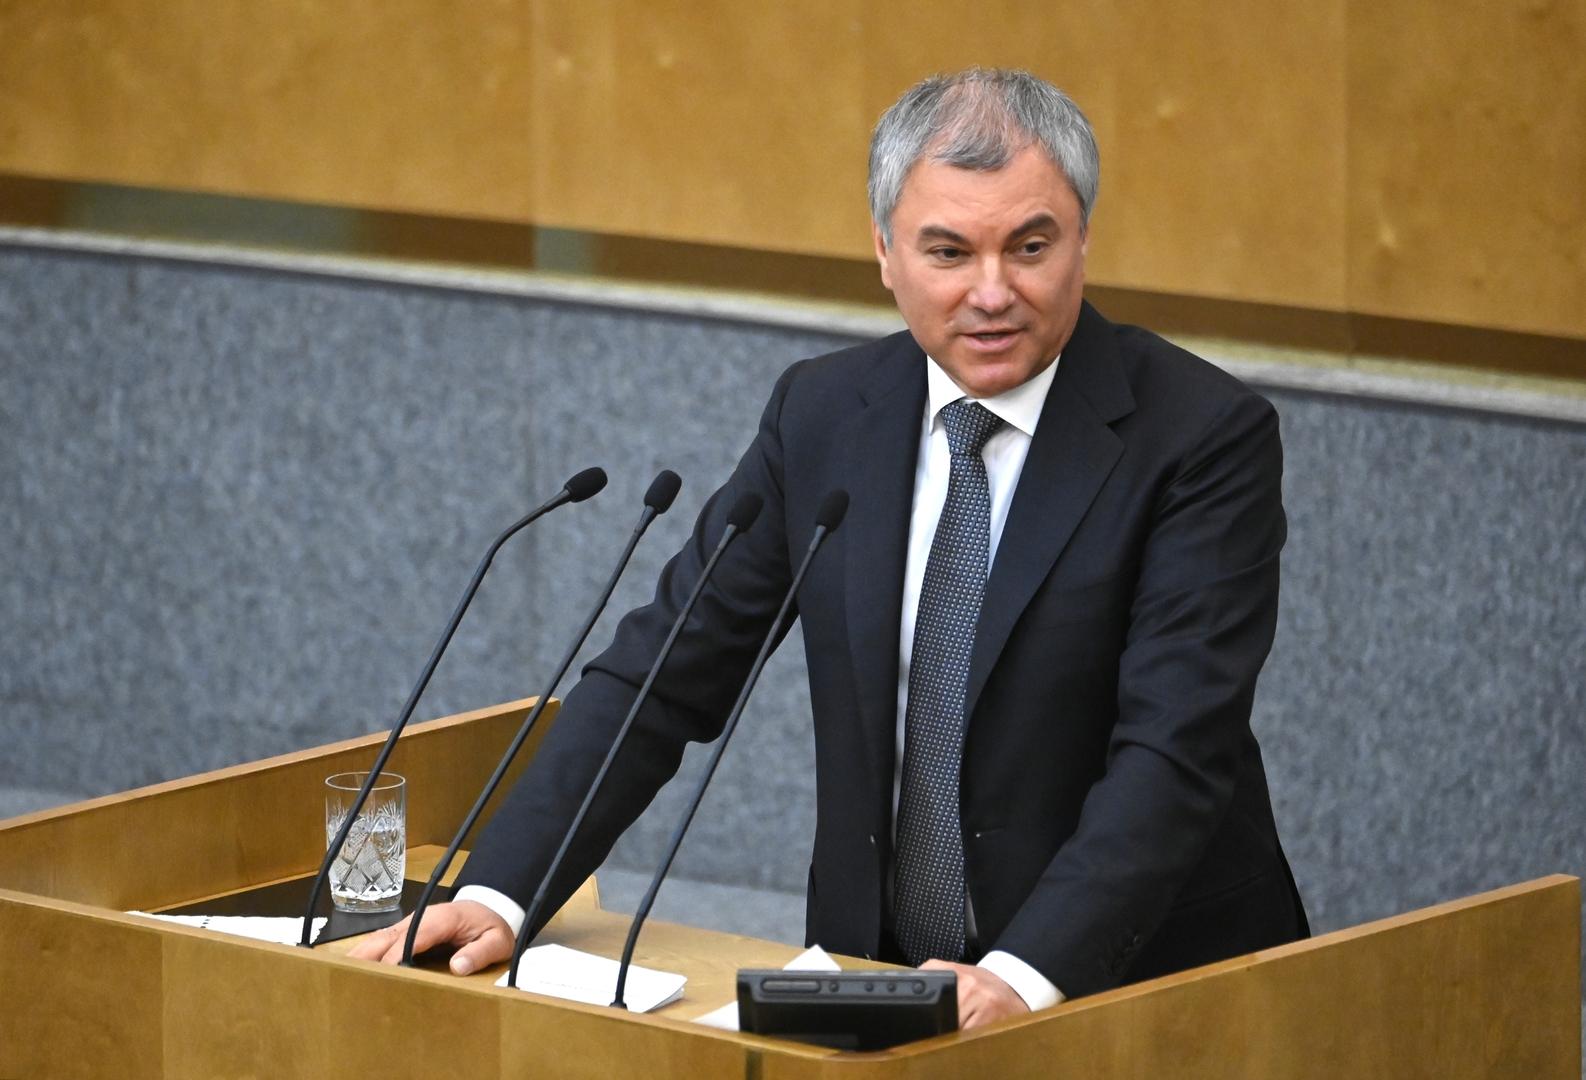 رئيس مجلس الدوما ينفي وجود أي طموحات لديه لرئاسة روسيا